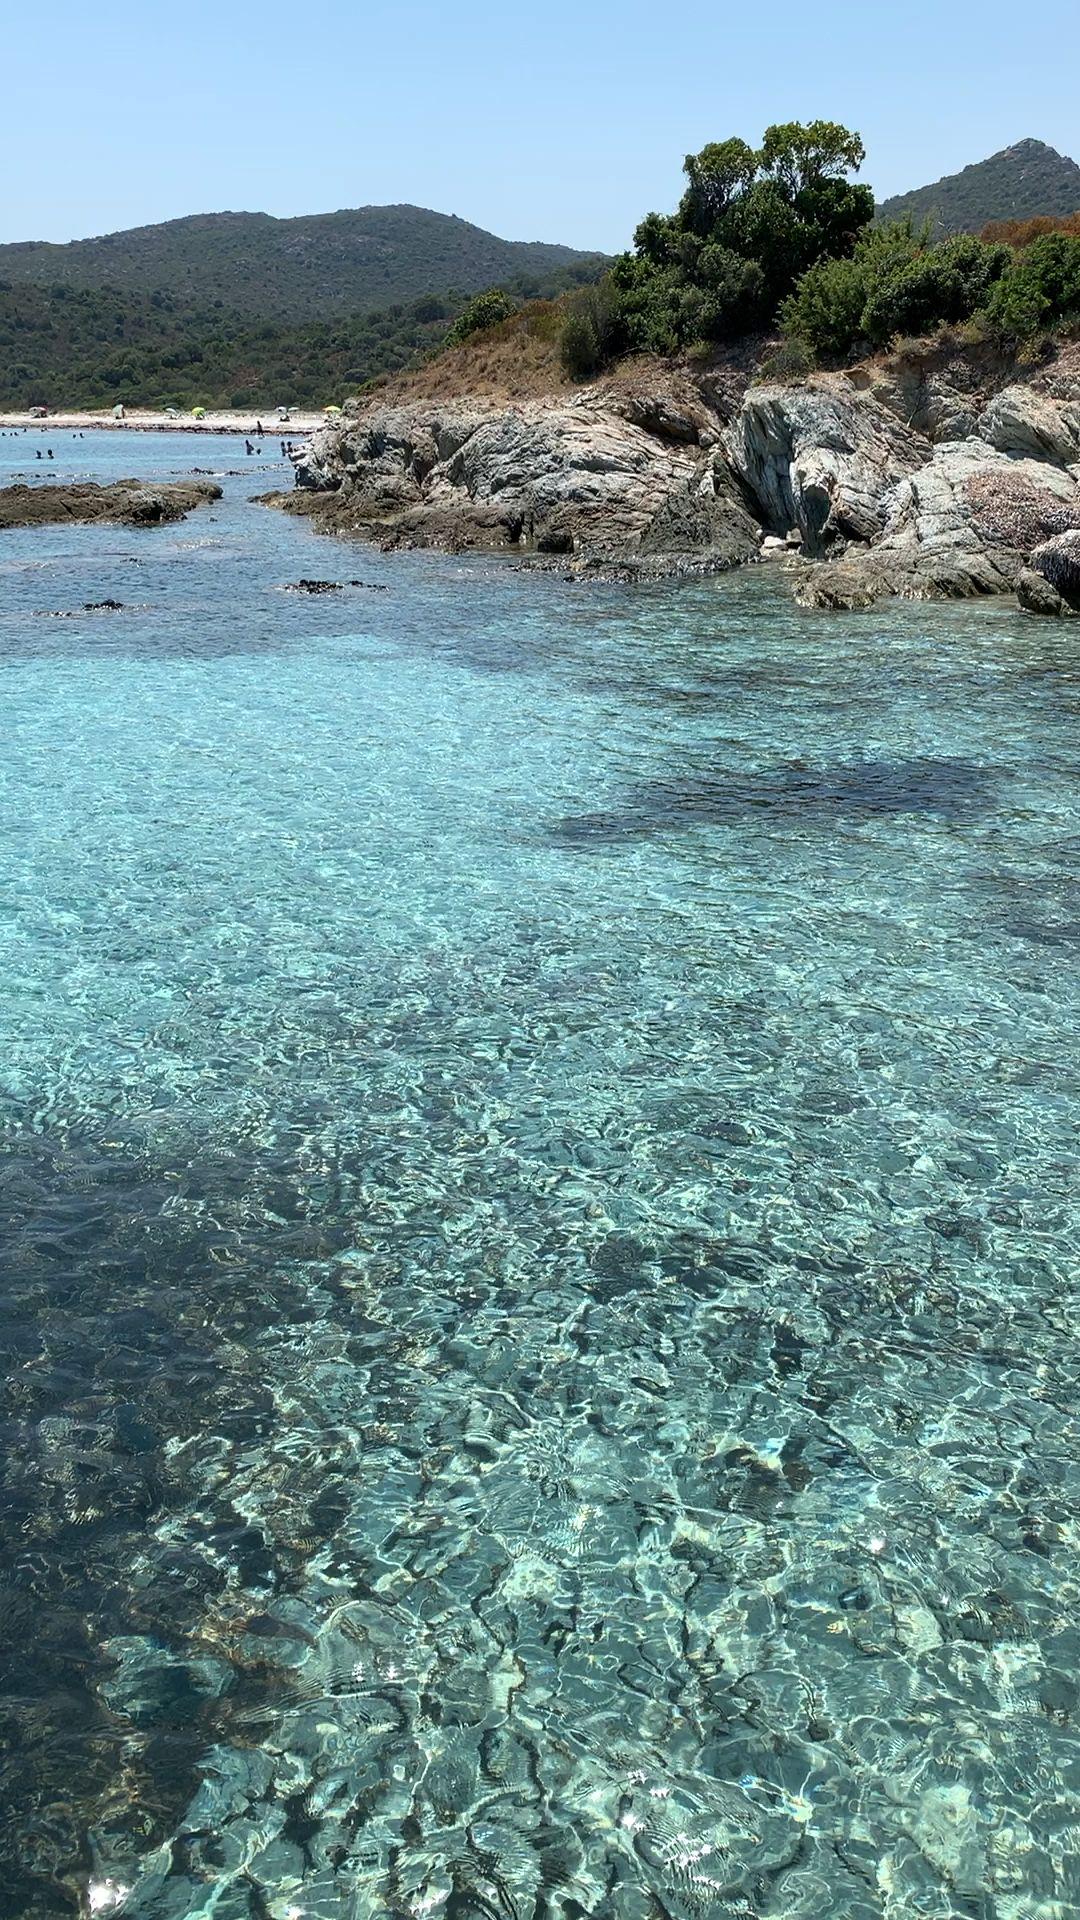 Plage du Lotu, désert des Agriates, Saint-Florent, Corse